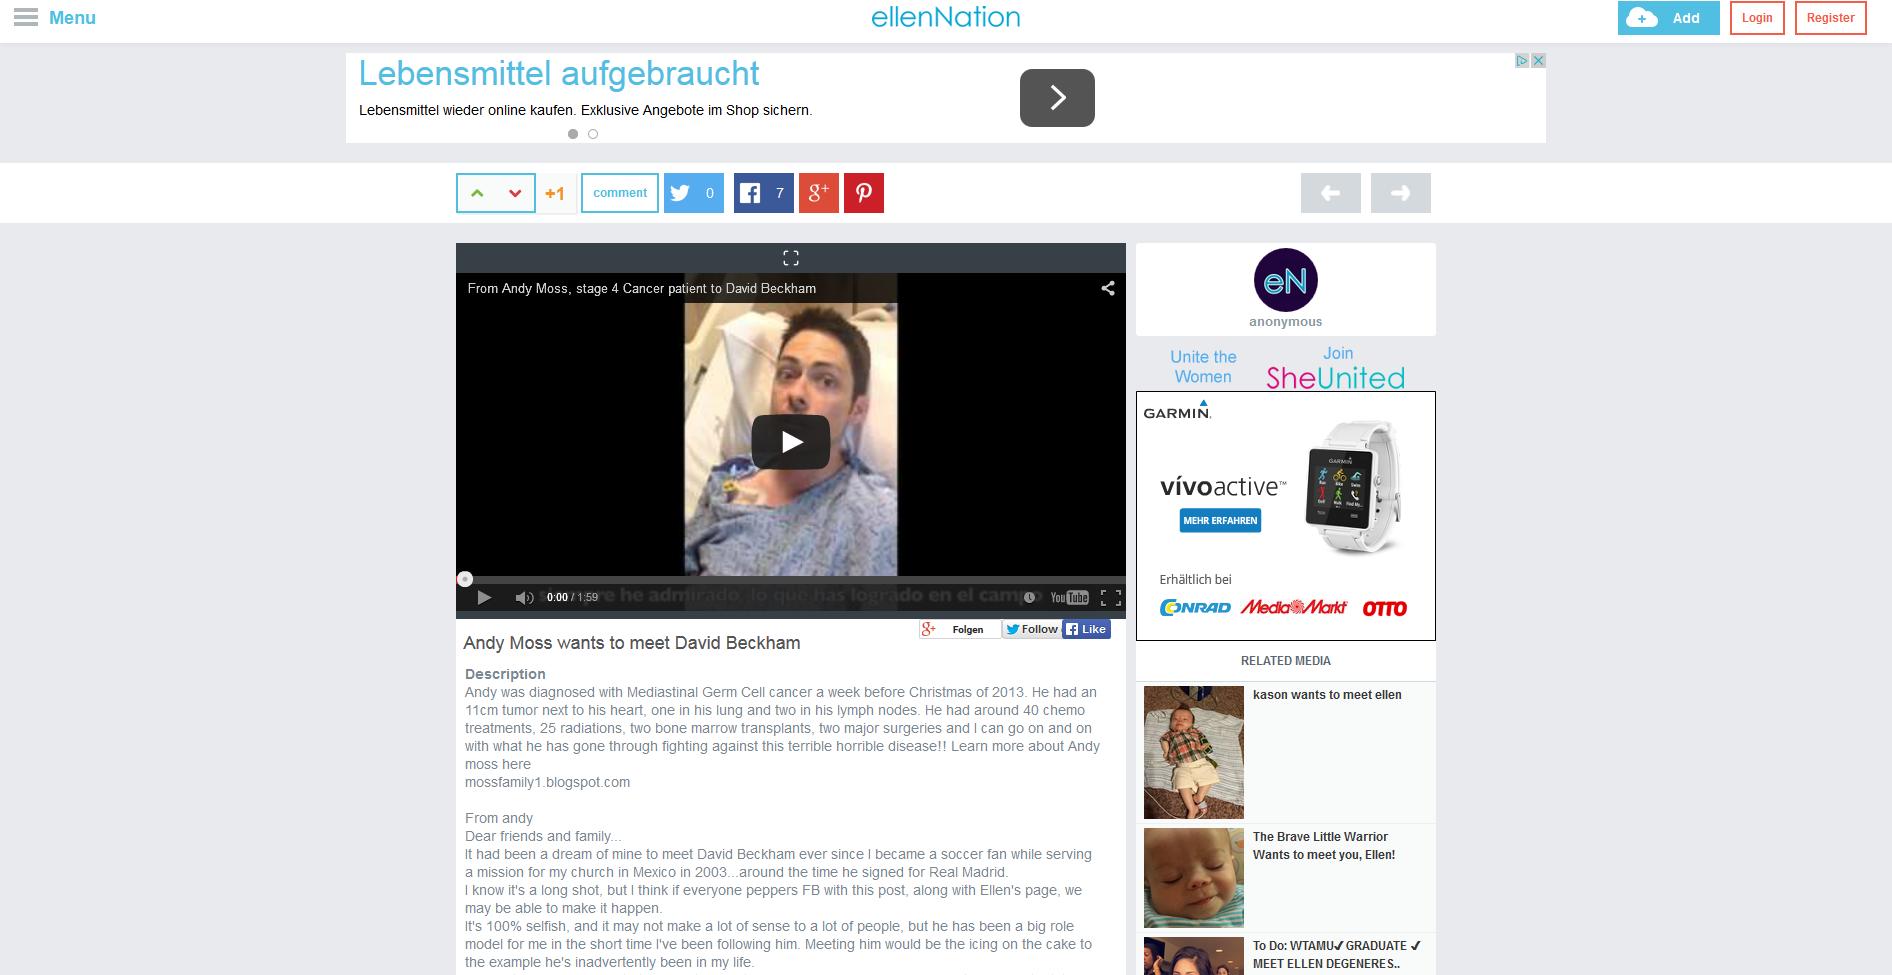 Der krebskranke Andy Moss äußert auf Ellen DeGeneres' Internetseite seinen letzten Wunsch.